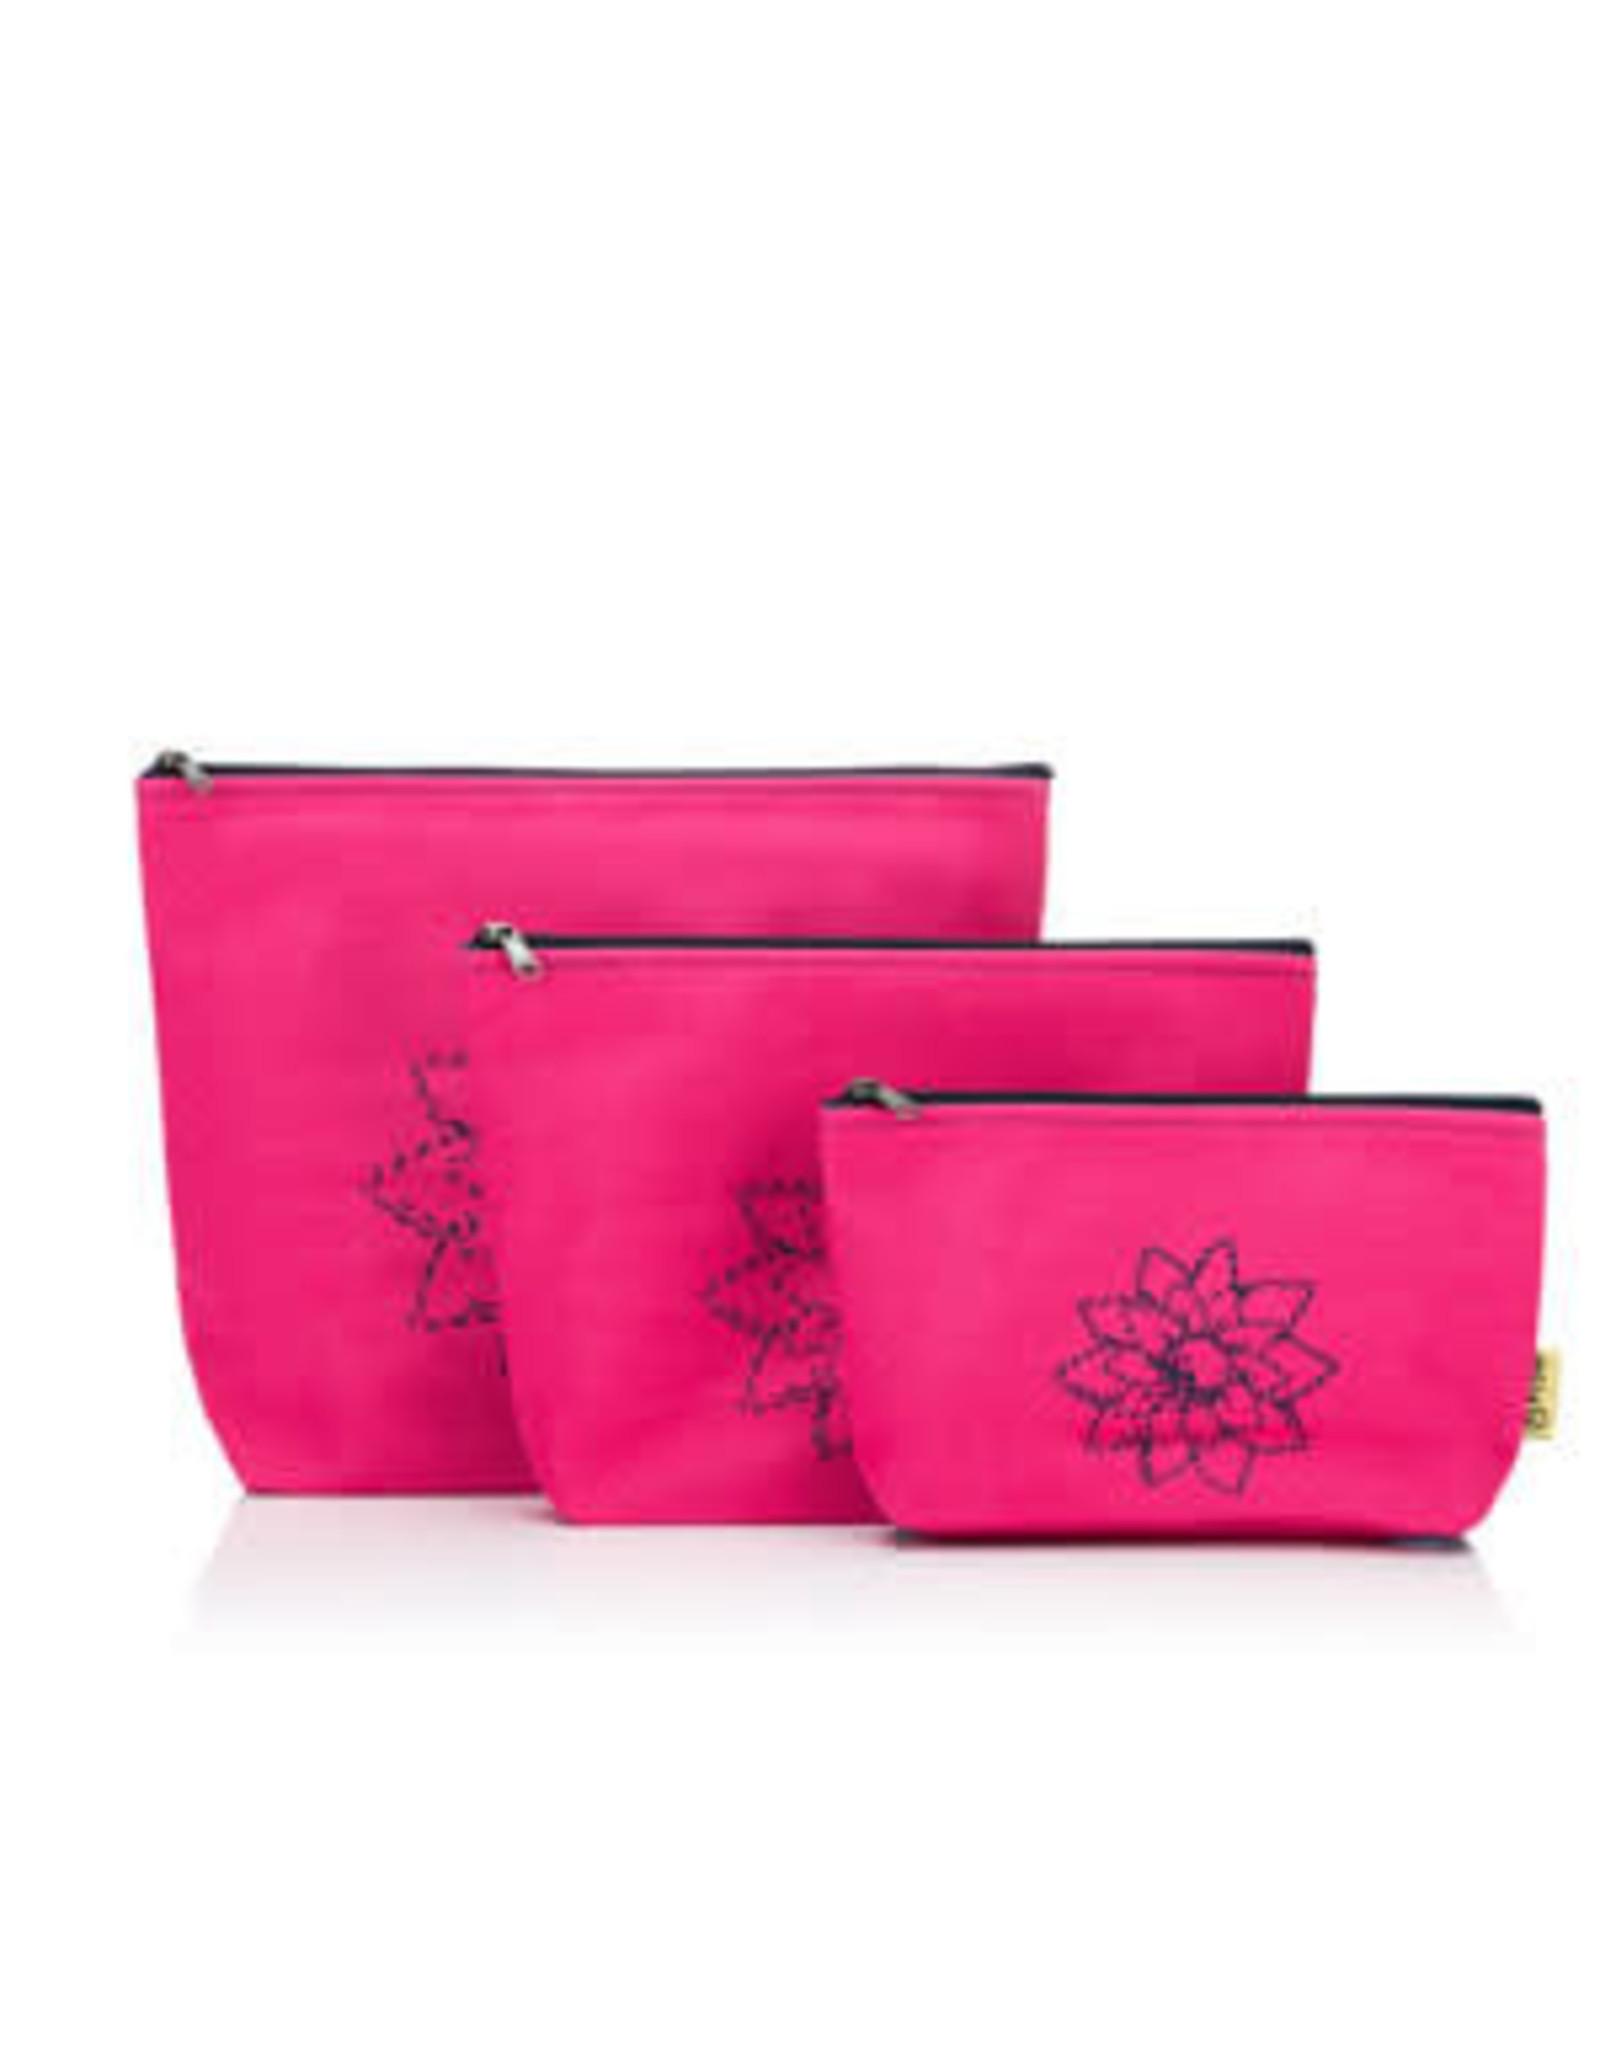 Della Q - Mesh + Zip Collection - Fuchsia Linen Brights